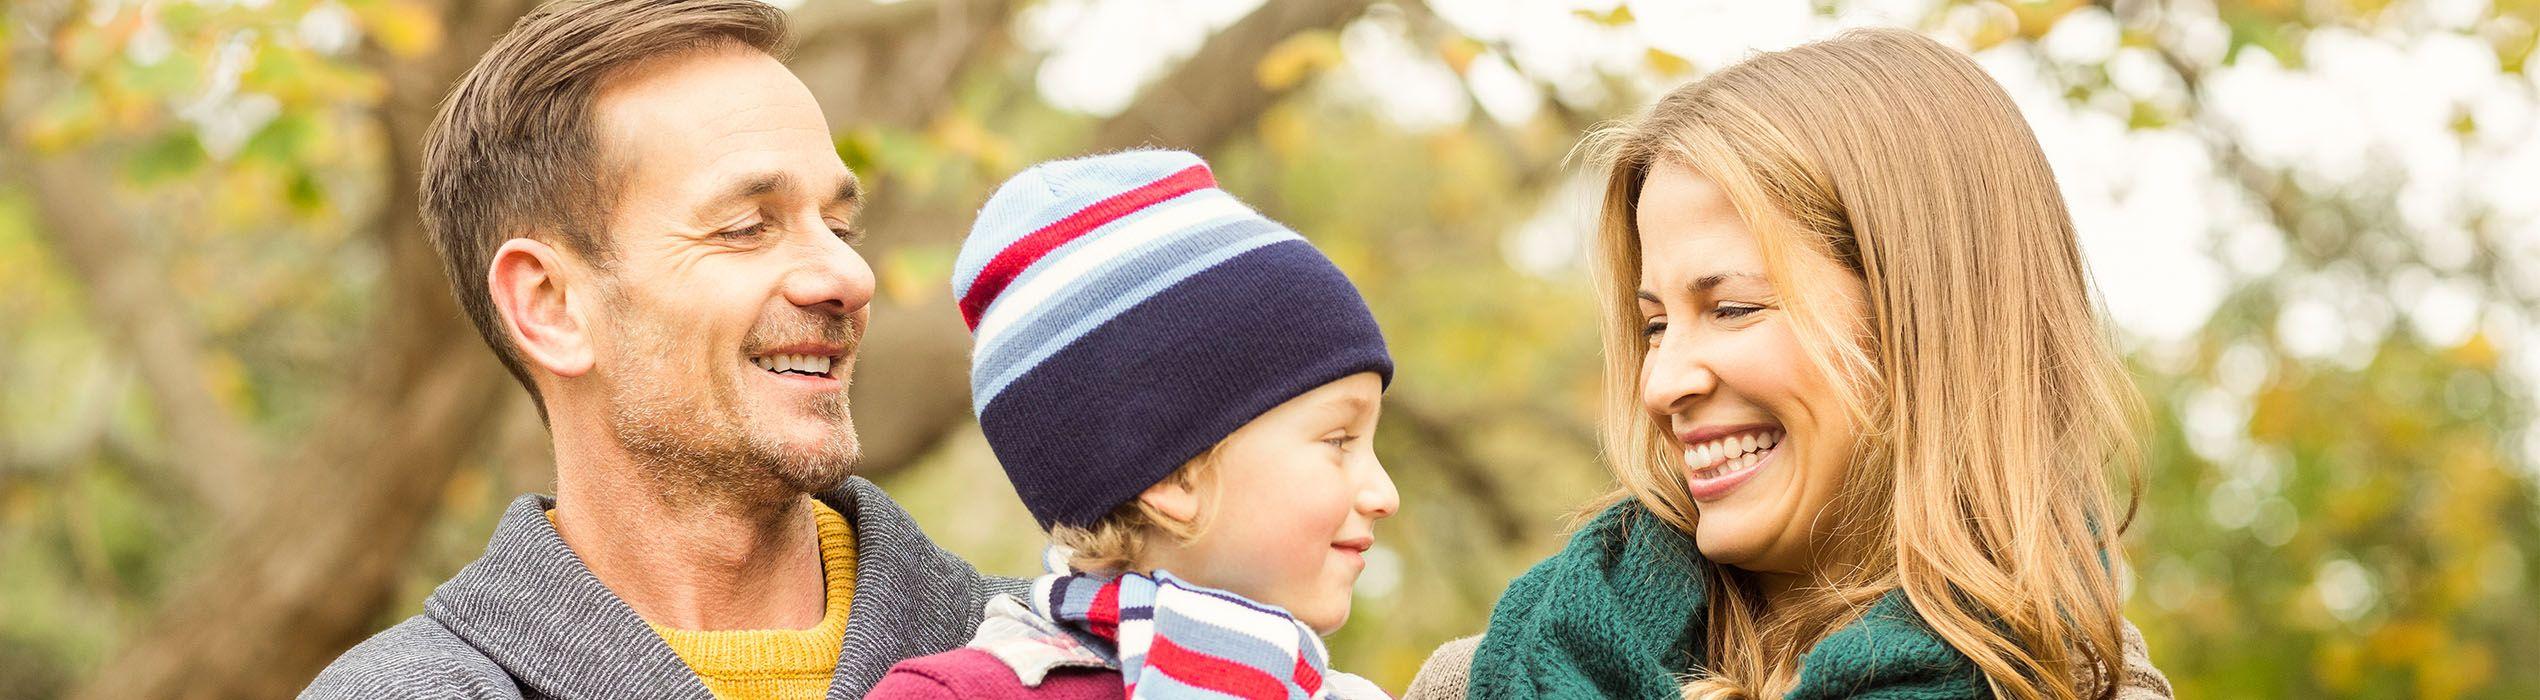 Matrimonio Tema Famiglia : Matrimonio e convivenza cosa cambia in tema di eredità